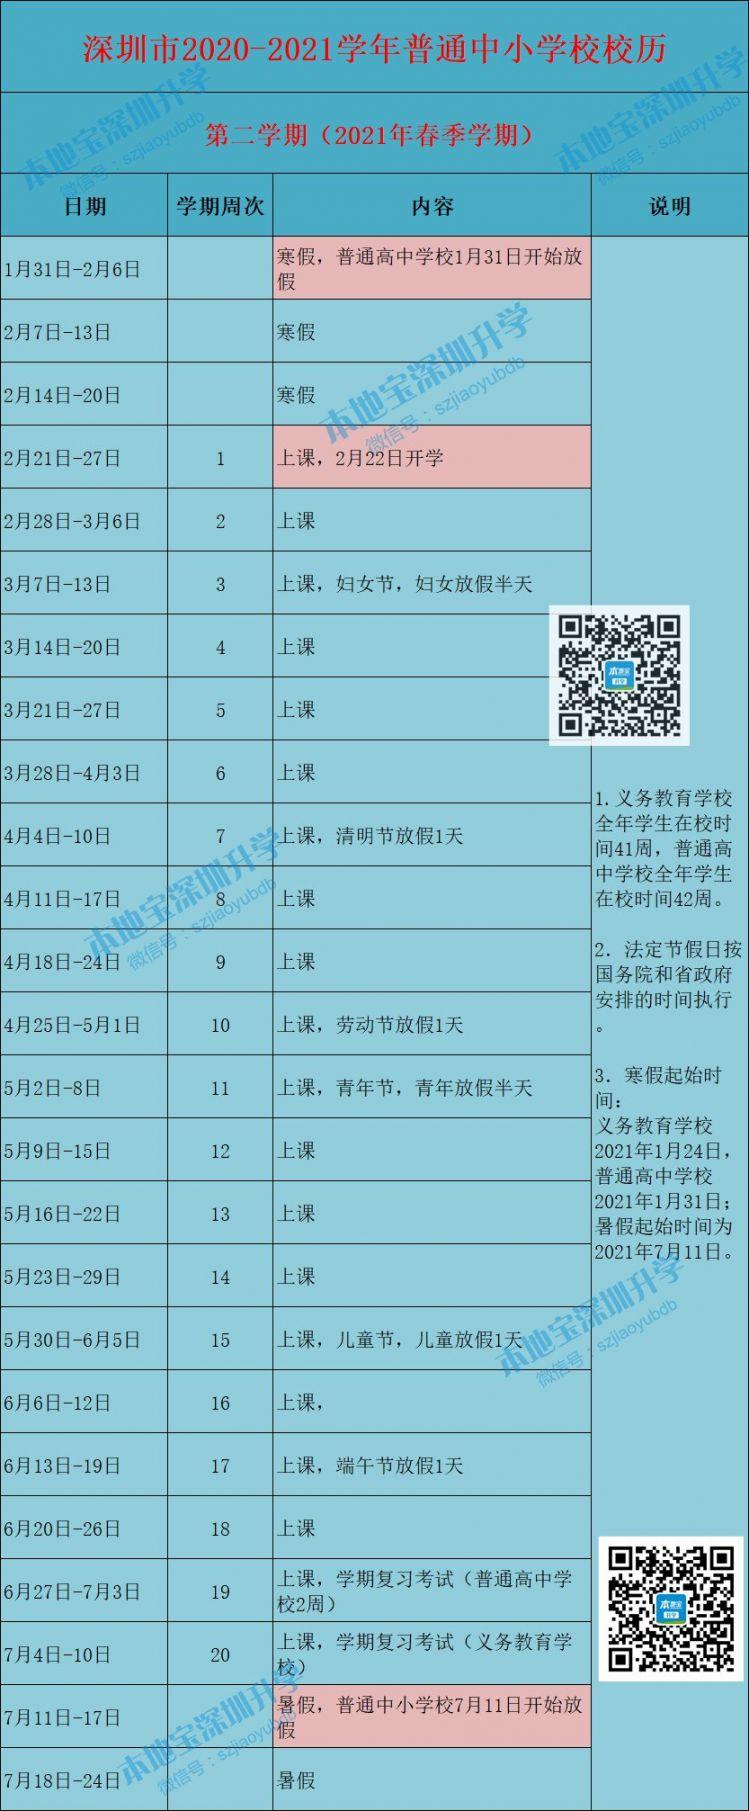 深圳市2020-2021学年普通中小学校校历